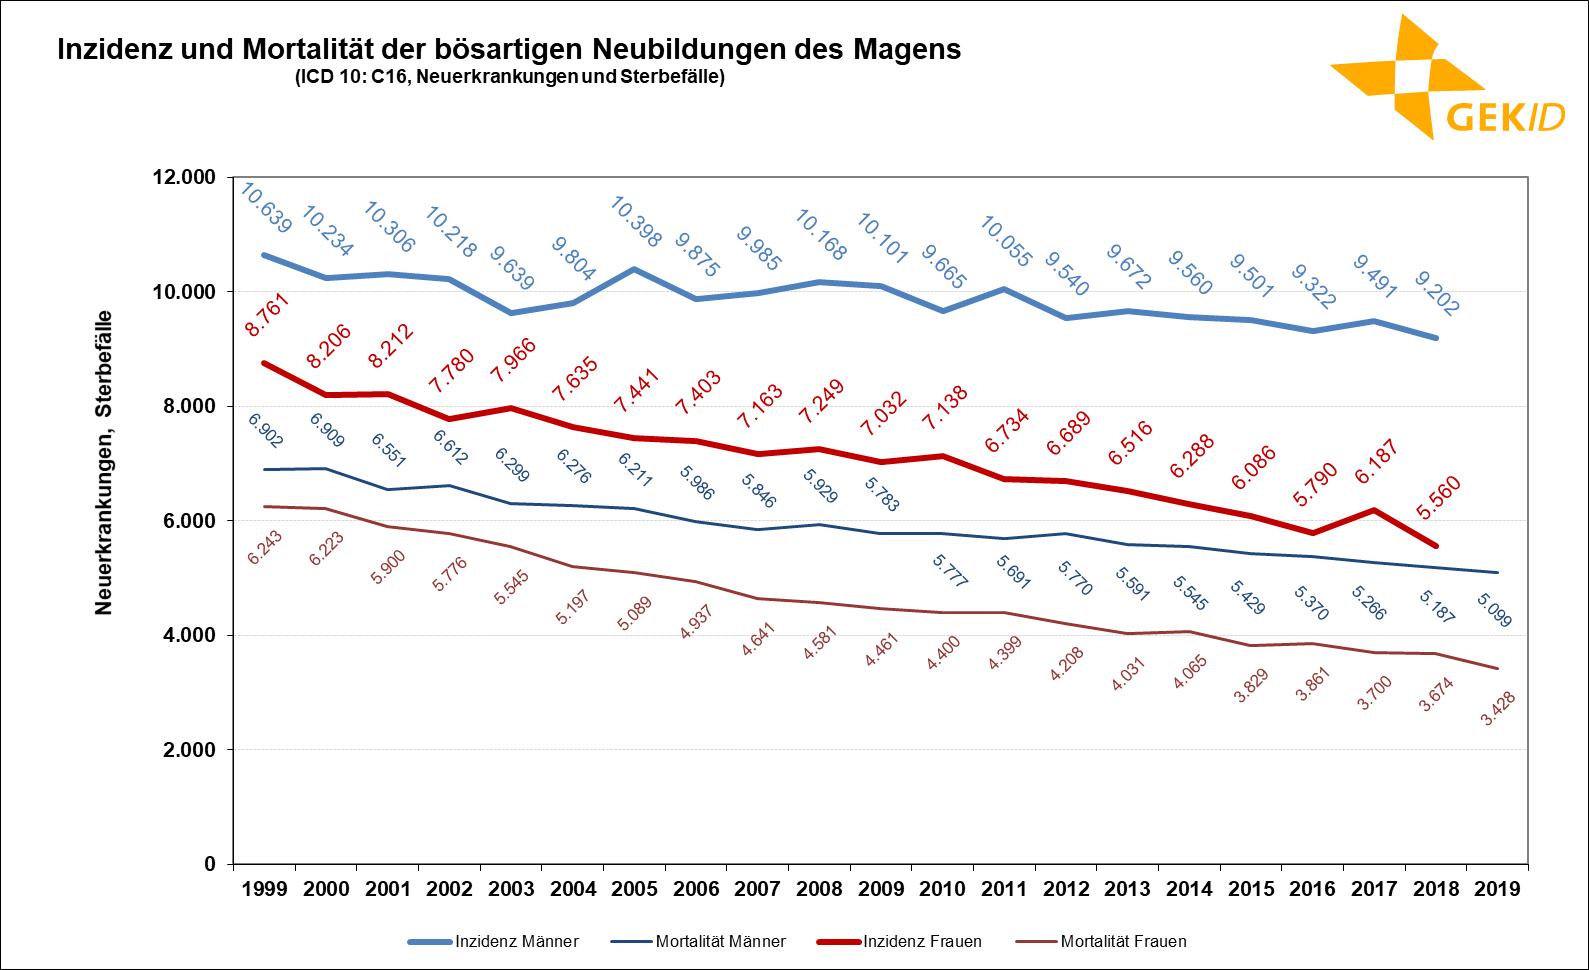 Geschätzte Inzidenz des Magenkrebses (ICD 10: C16) in Deutschland– Fallzahlen;Quelle: Zentrum für Krebsregisterdaten, Datenbankabfrage